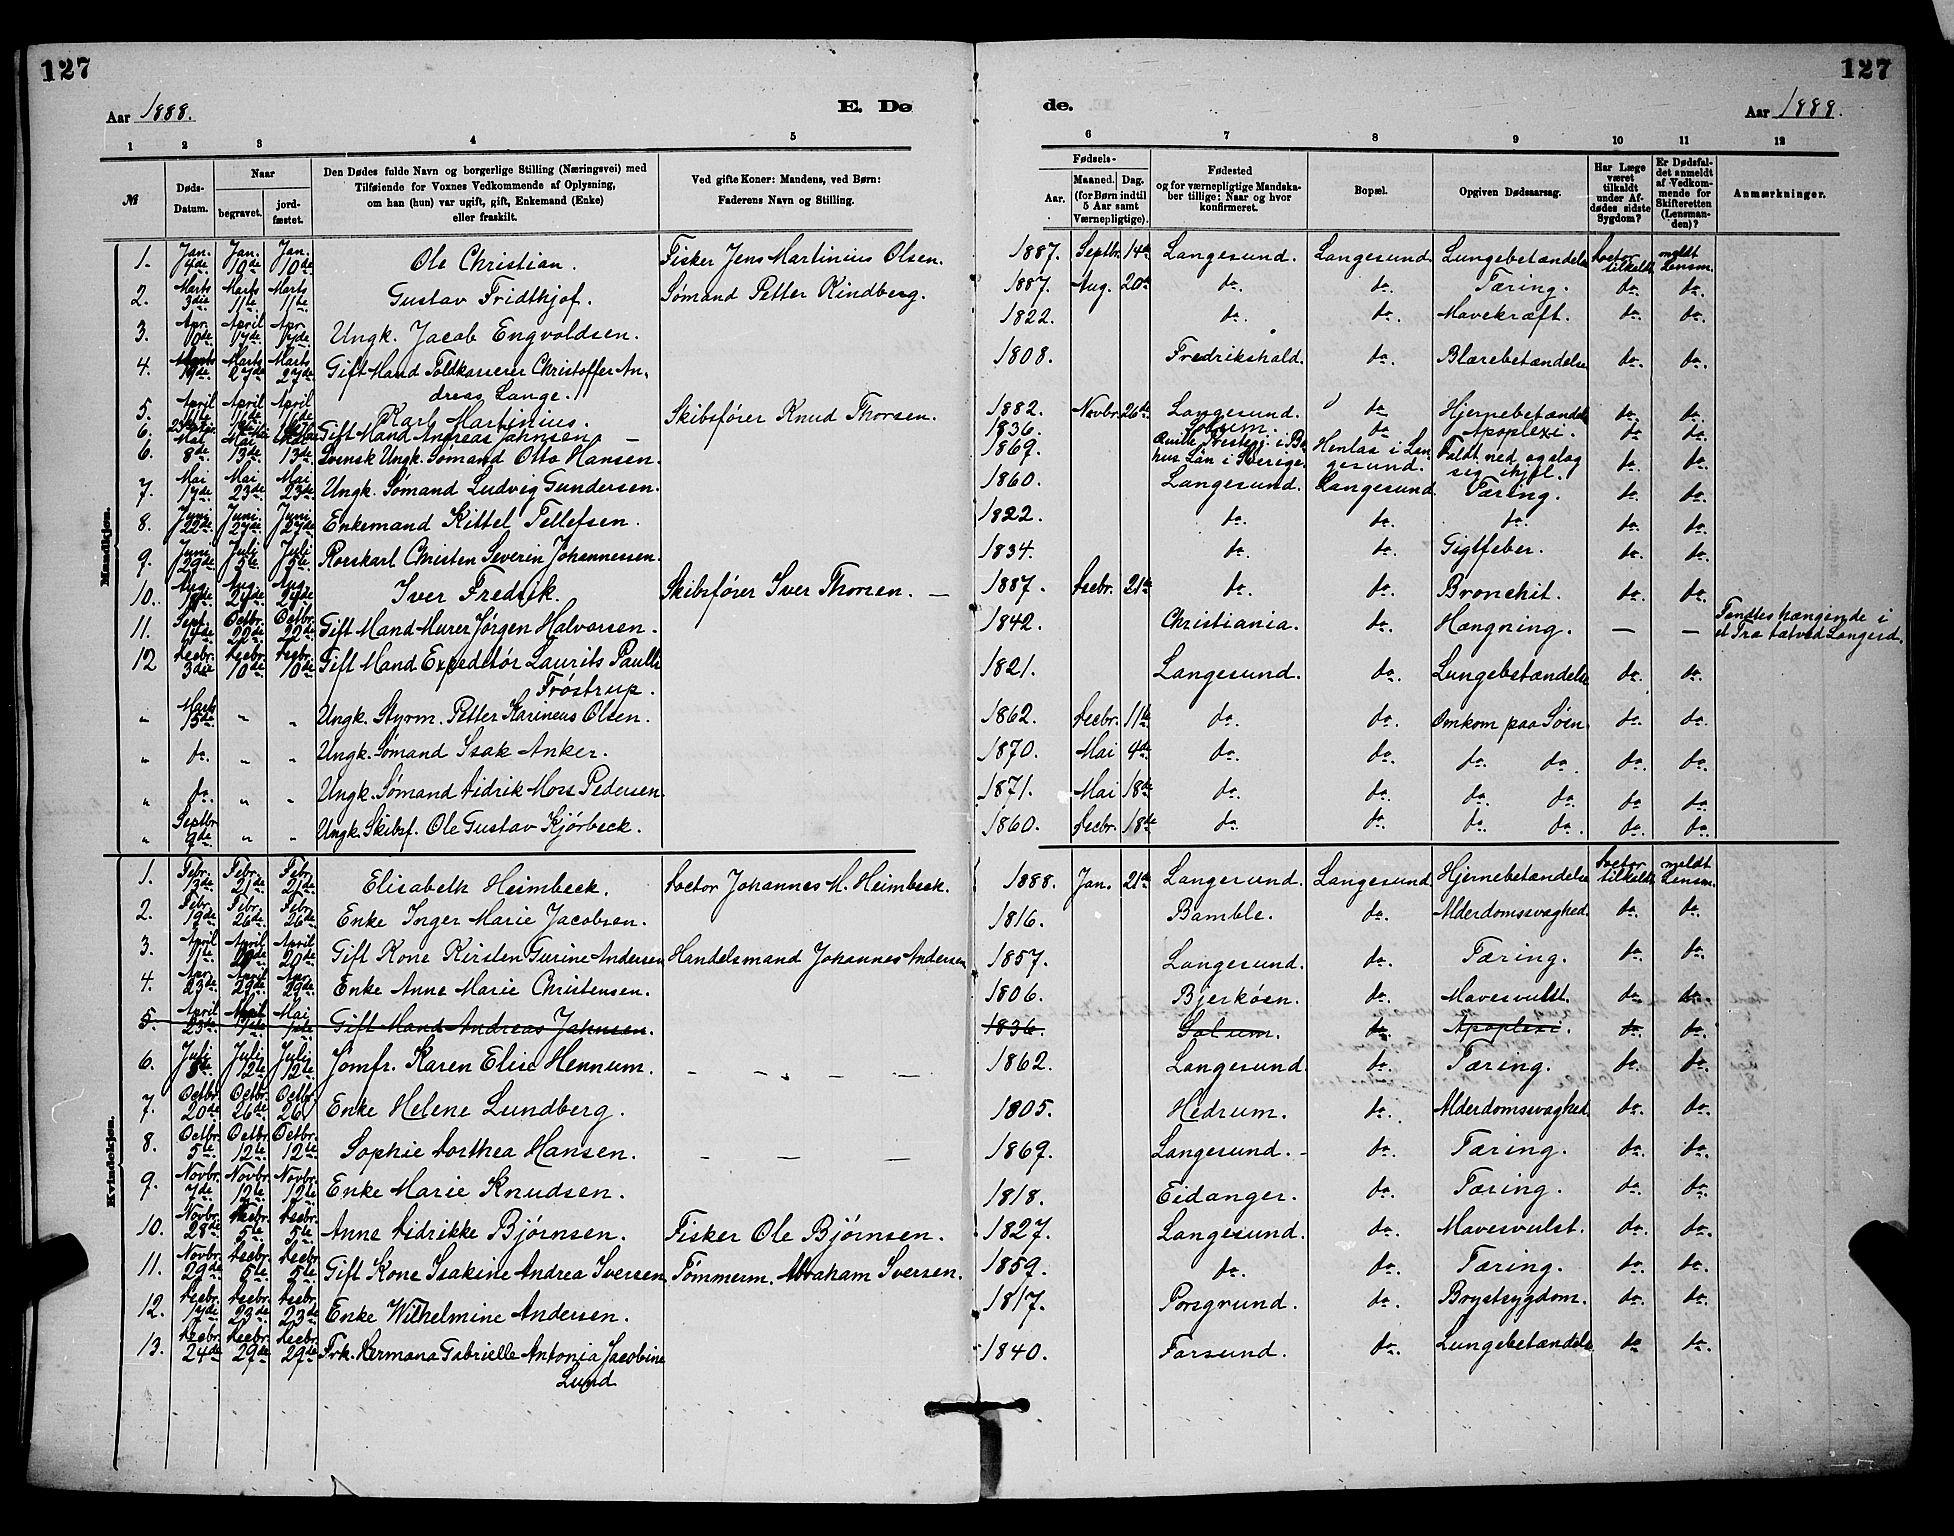 SAKO, Langesund kirkebøker, G/Ga/L0005: Klokkerbok nr. 5, 1884-1898, s. 127